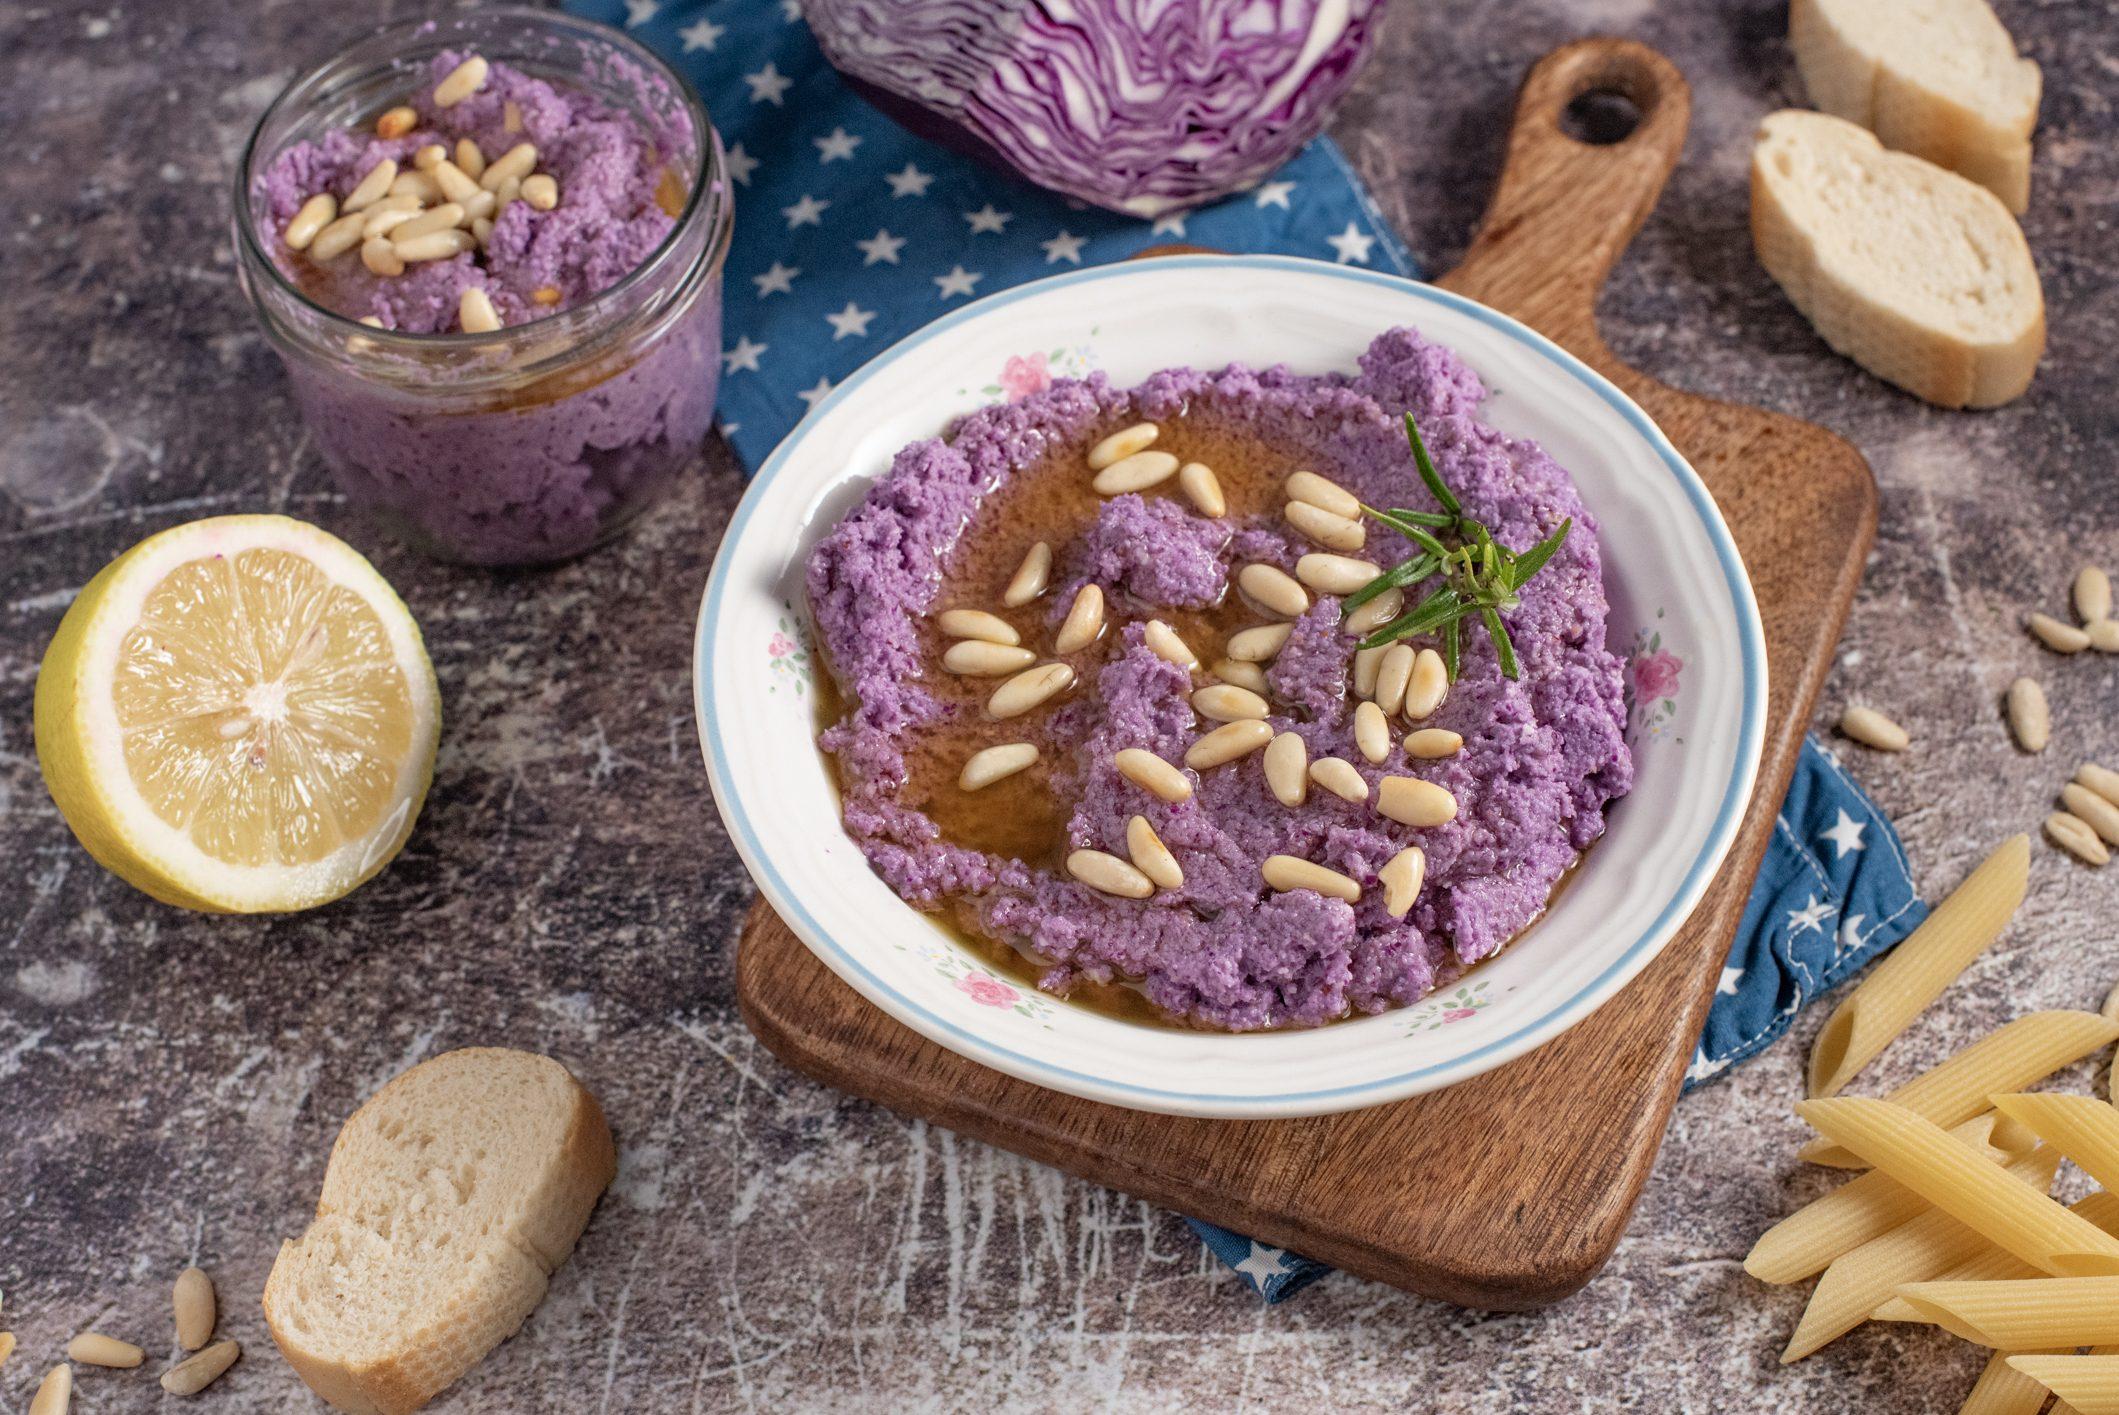 Pesto di cavolo viola: la ricetta della salsa sfiziosa e versatile